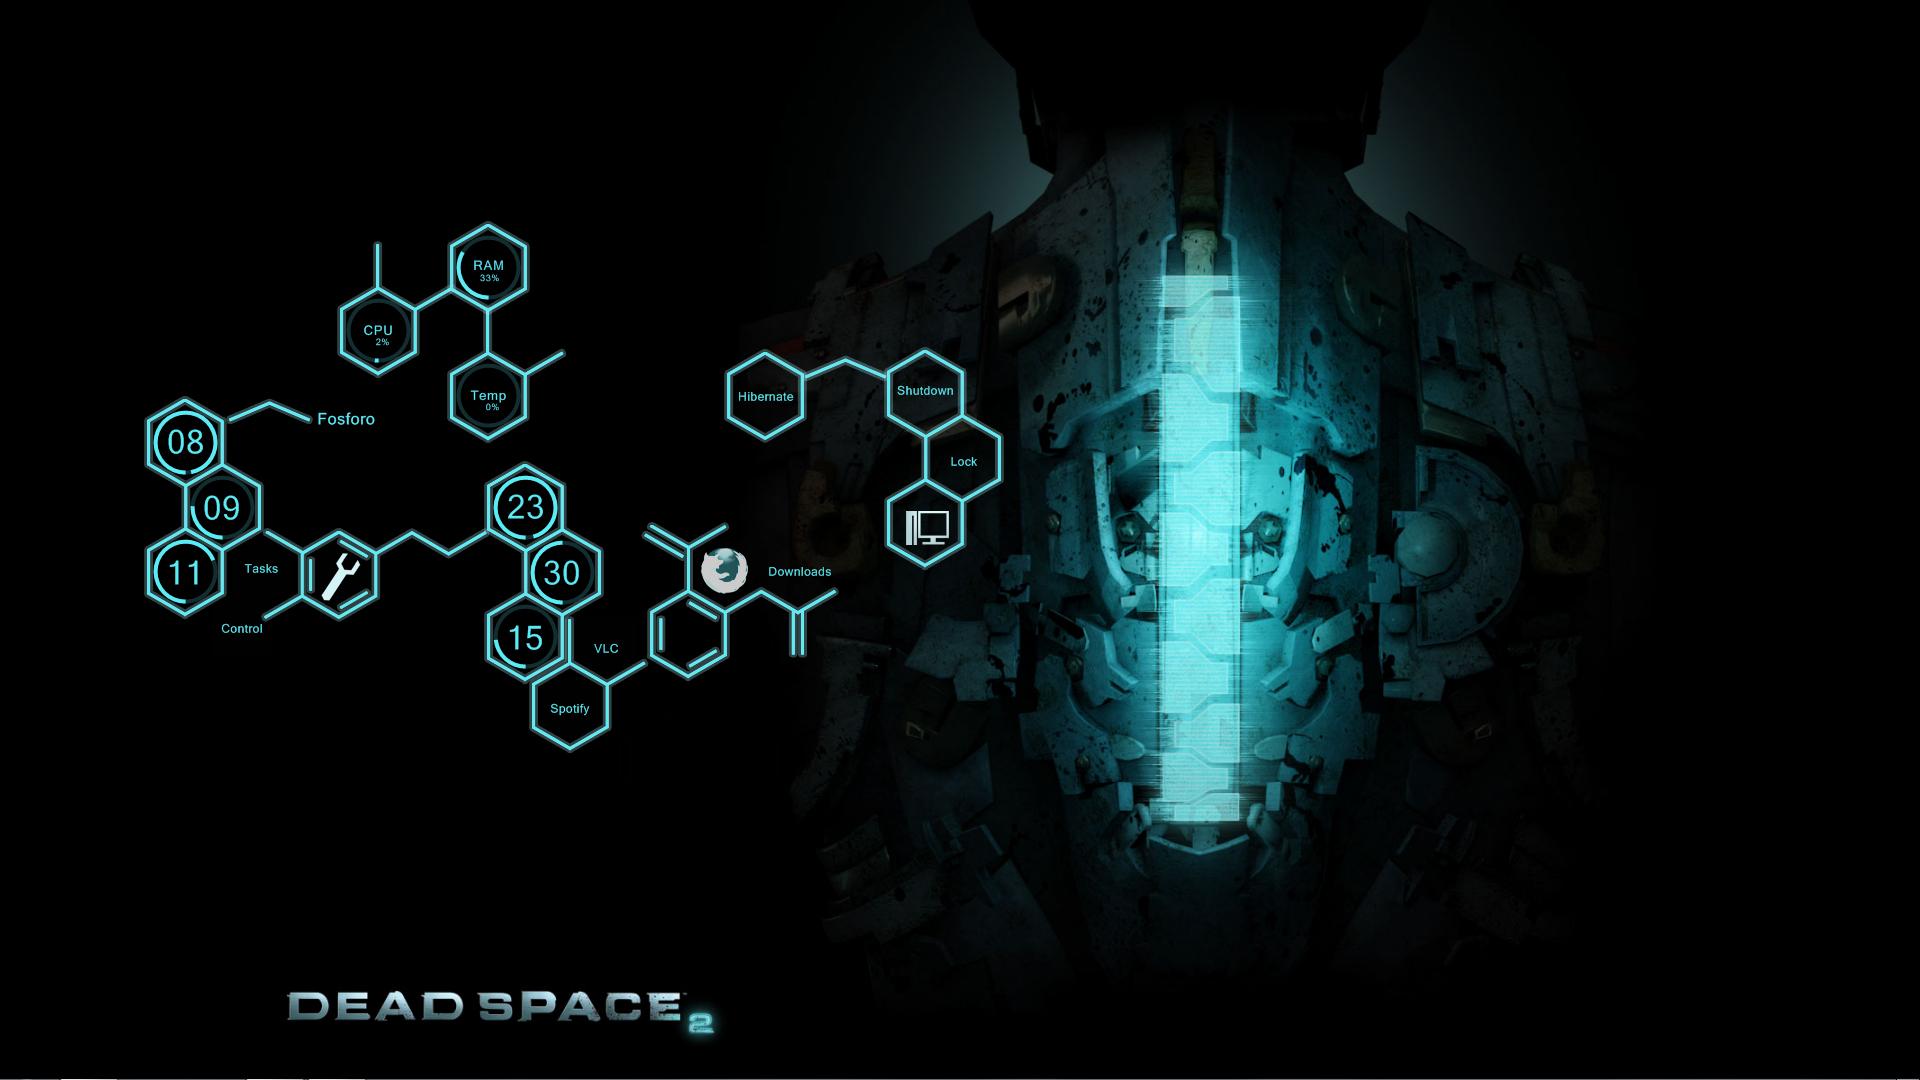 Dead Space Wallpaper - WallpaperSafari